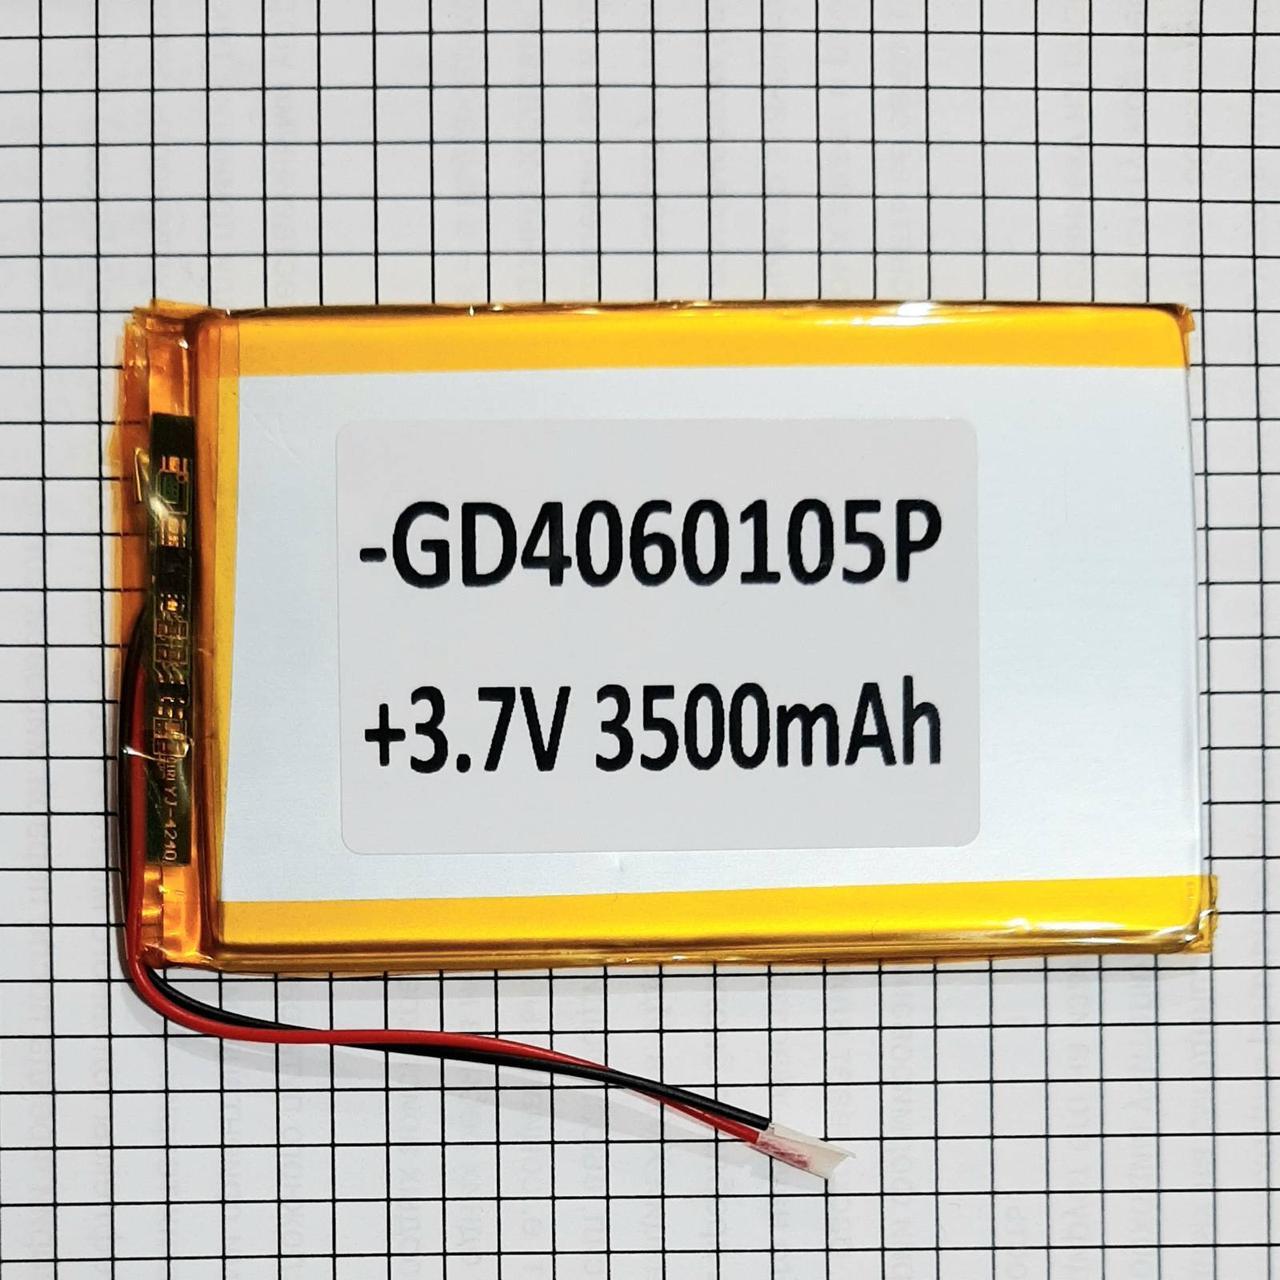 Літій-полімерний акумулятор 0460105 3.7 V 3500mah